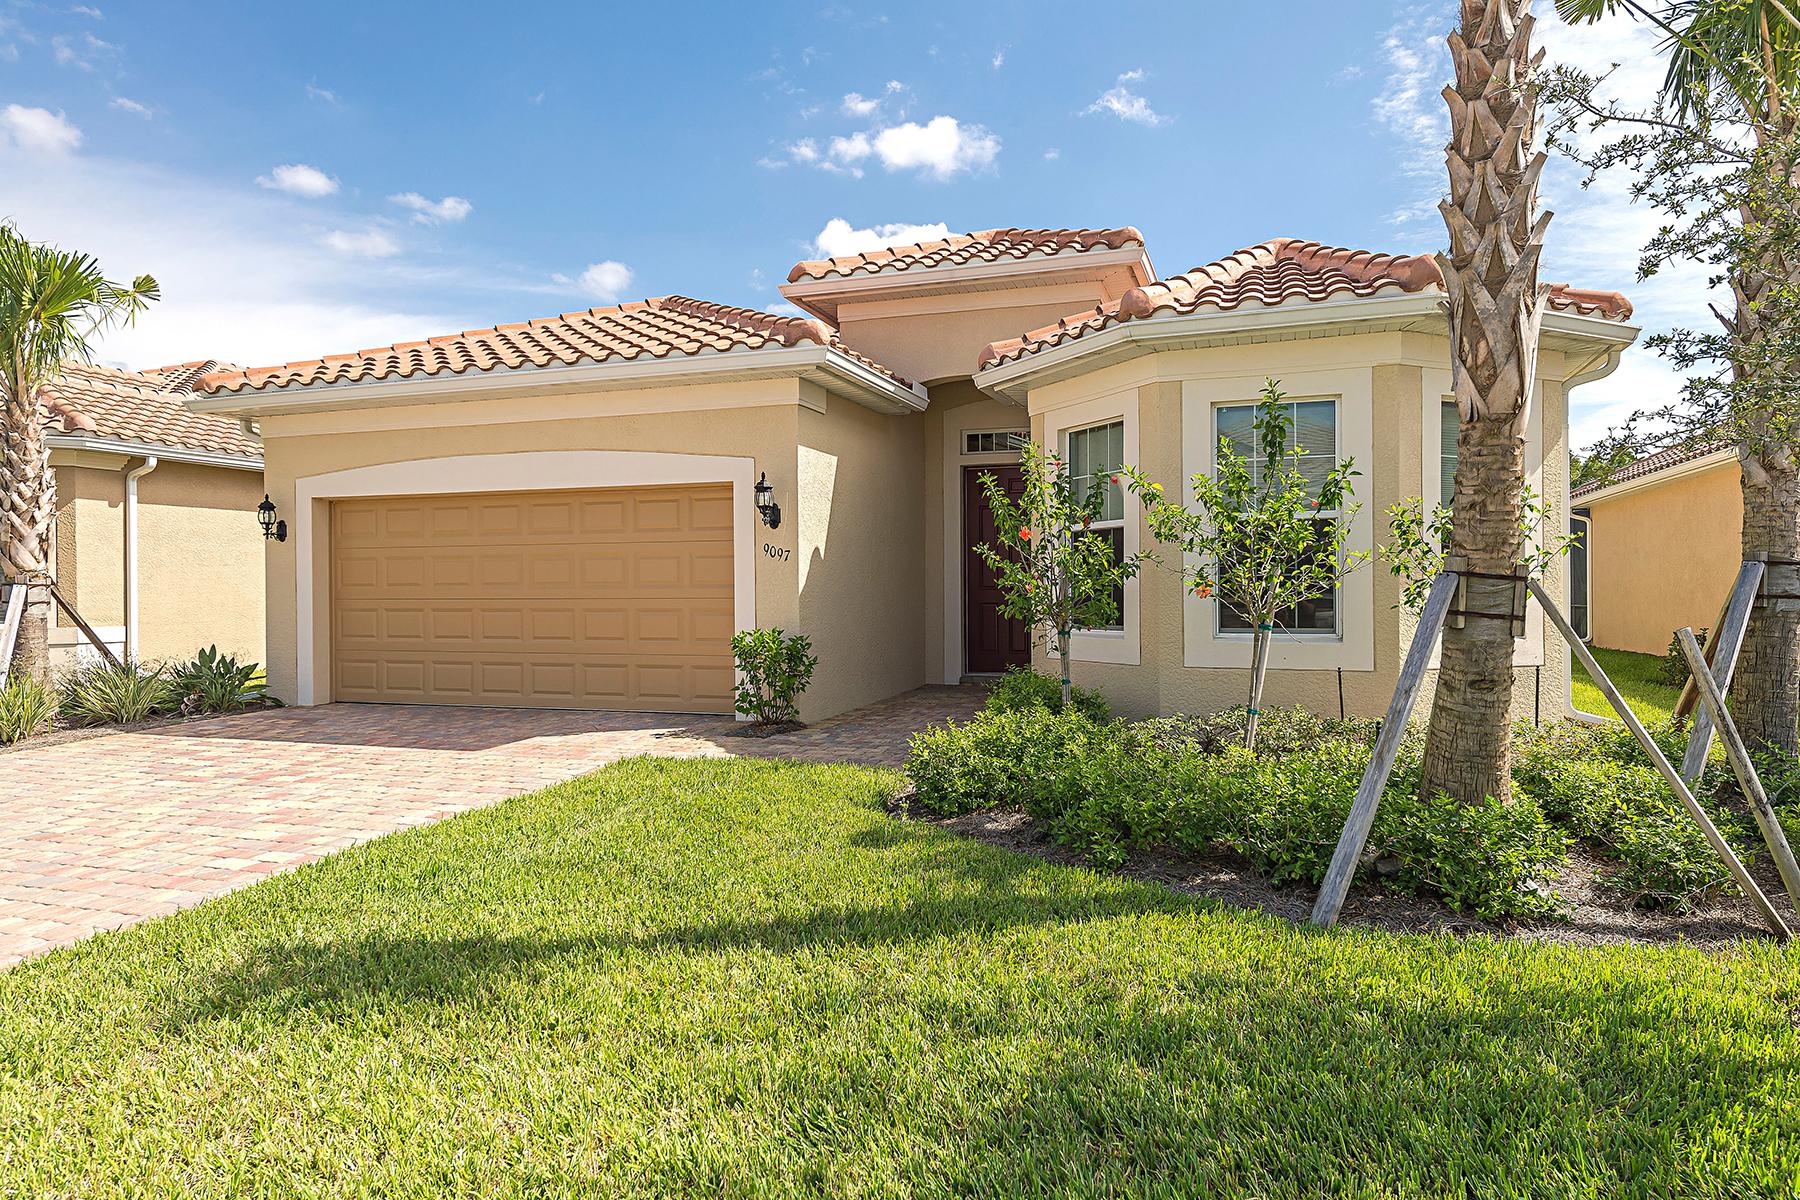 Einfamilienhaus für Verkauf beim THE QUARRY 9097 Siesta Bay Dr Naples, Florida, 34120 Vereinigte Staaten